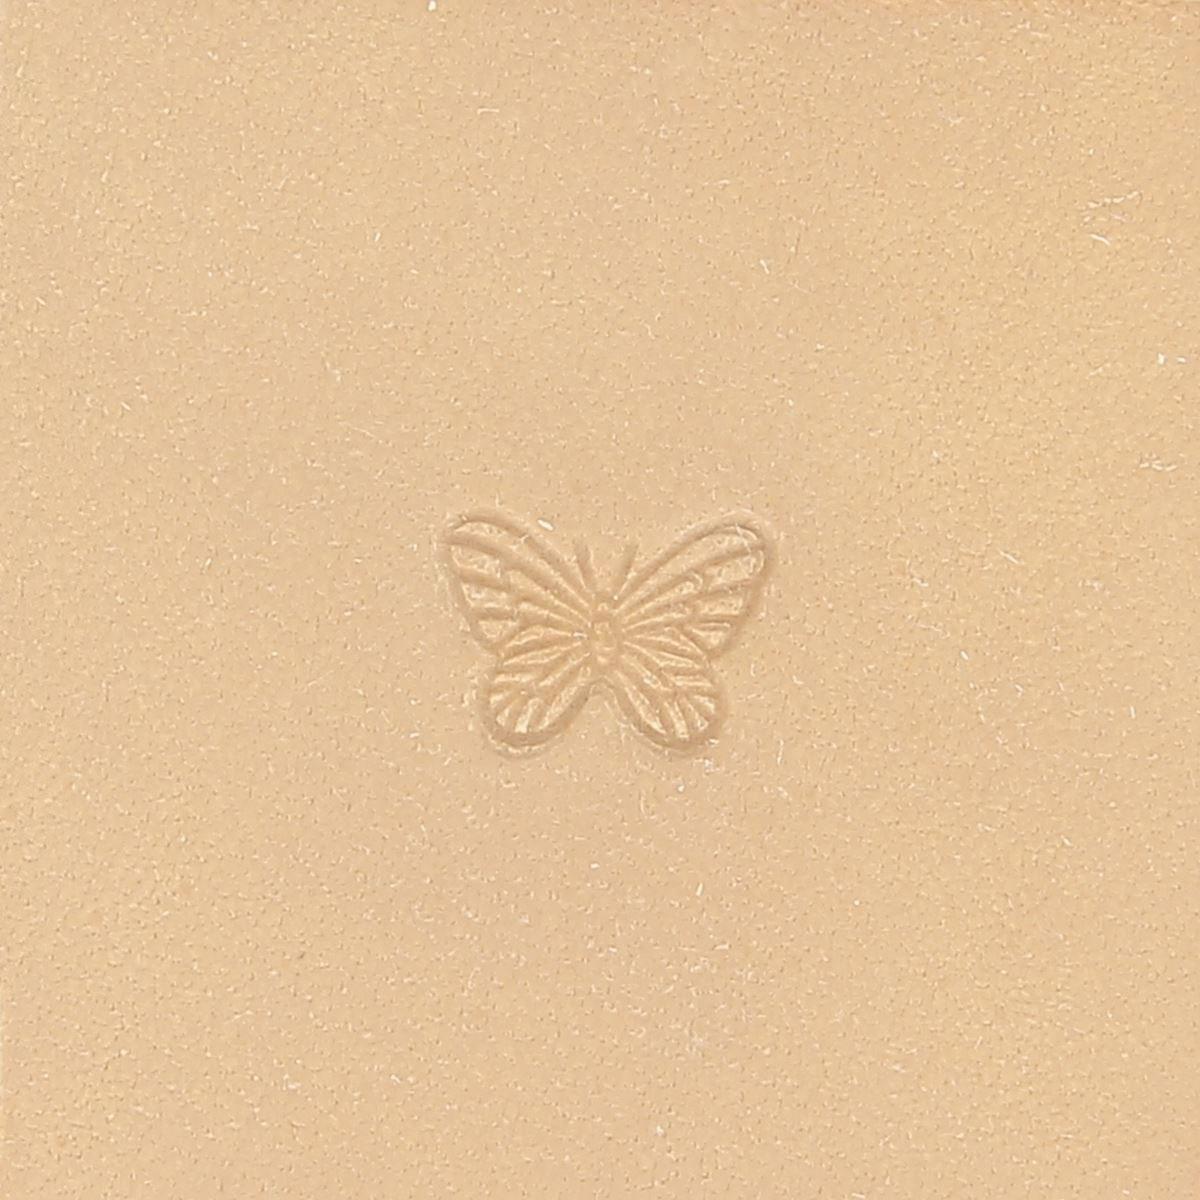 Matoir avec manche - Petit papillon - 68161